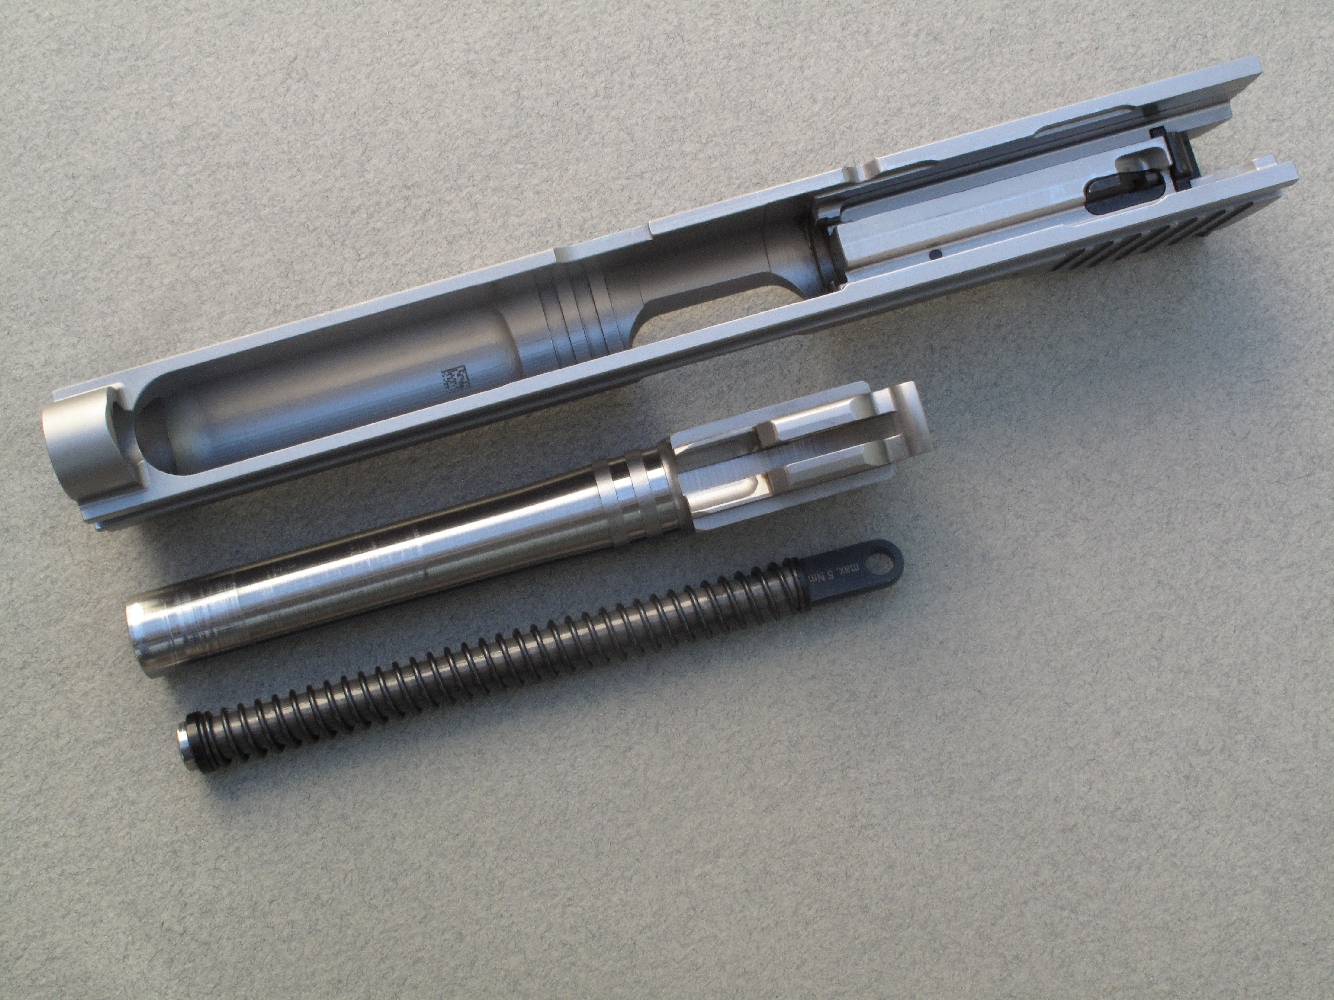 Cette vue permet d'observer le soin avec lequel sont réalisés les usinages et les ajustages du canon et de la culasse à glissière.